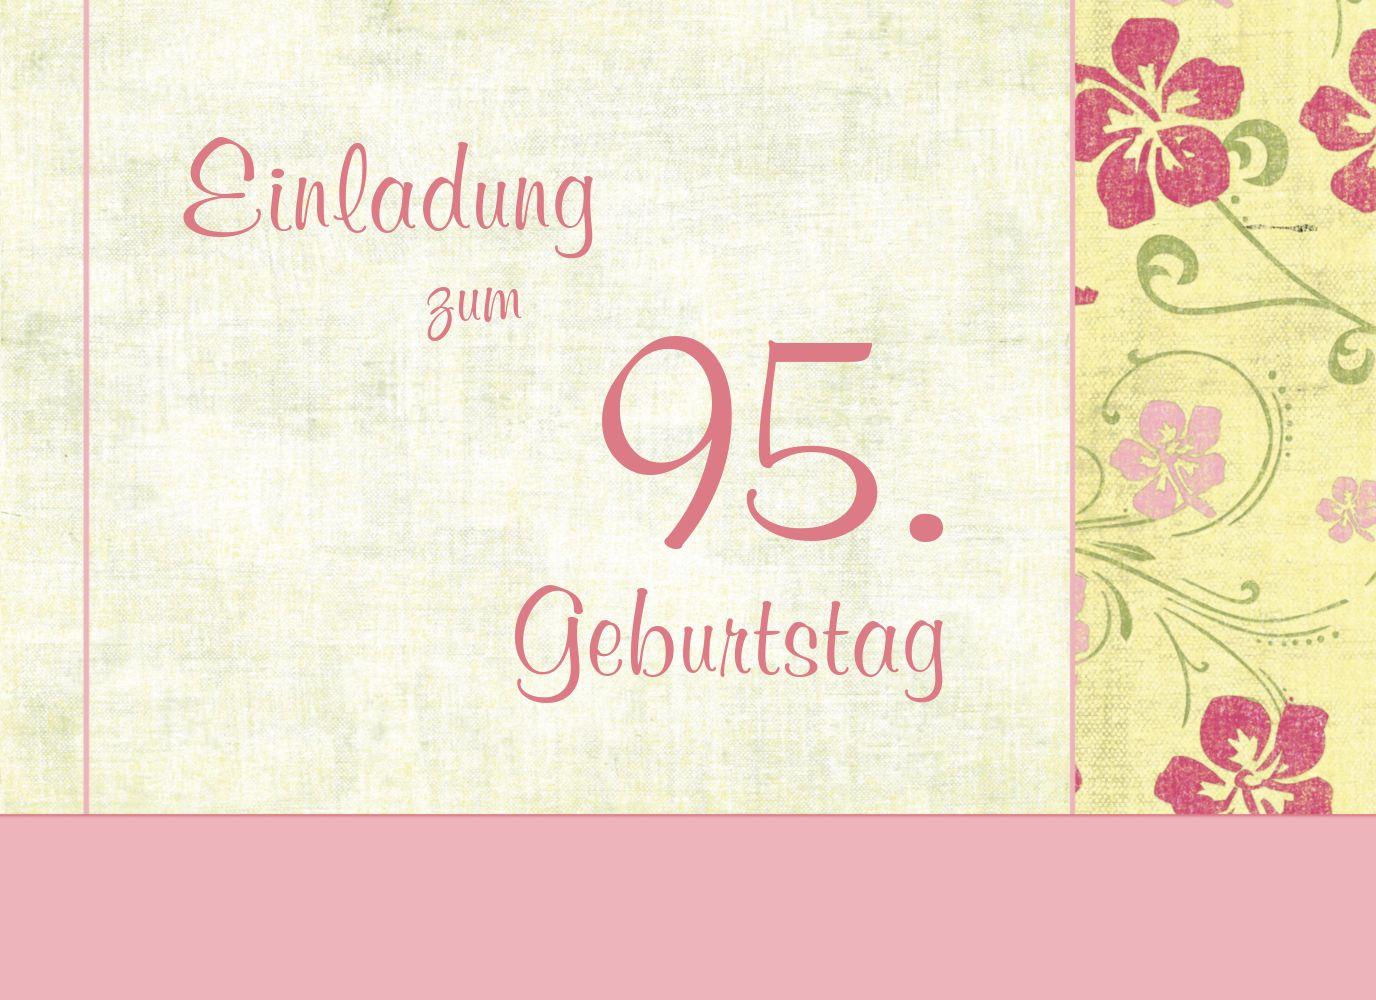 Ansicht 3 - Einladung zum Geburtstag Foto Hibiskus 95